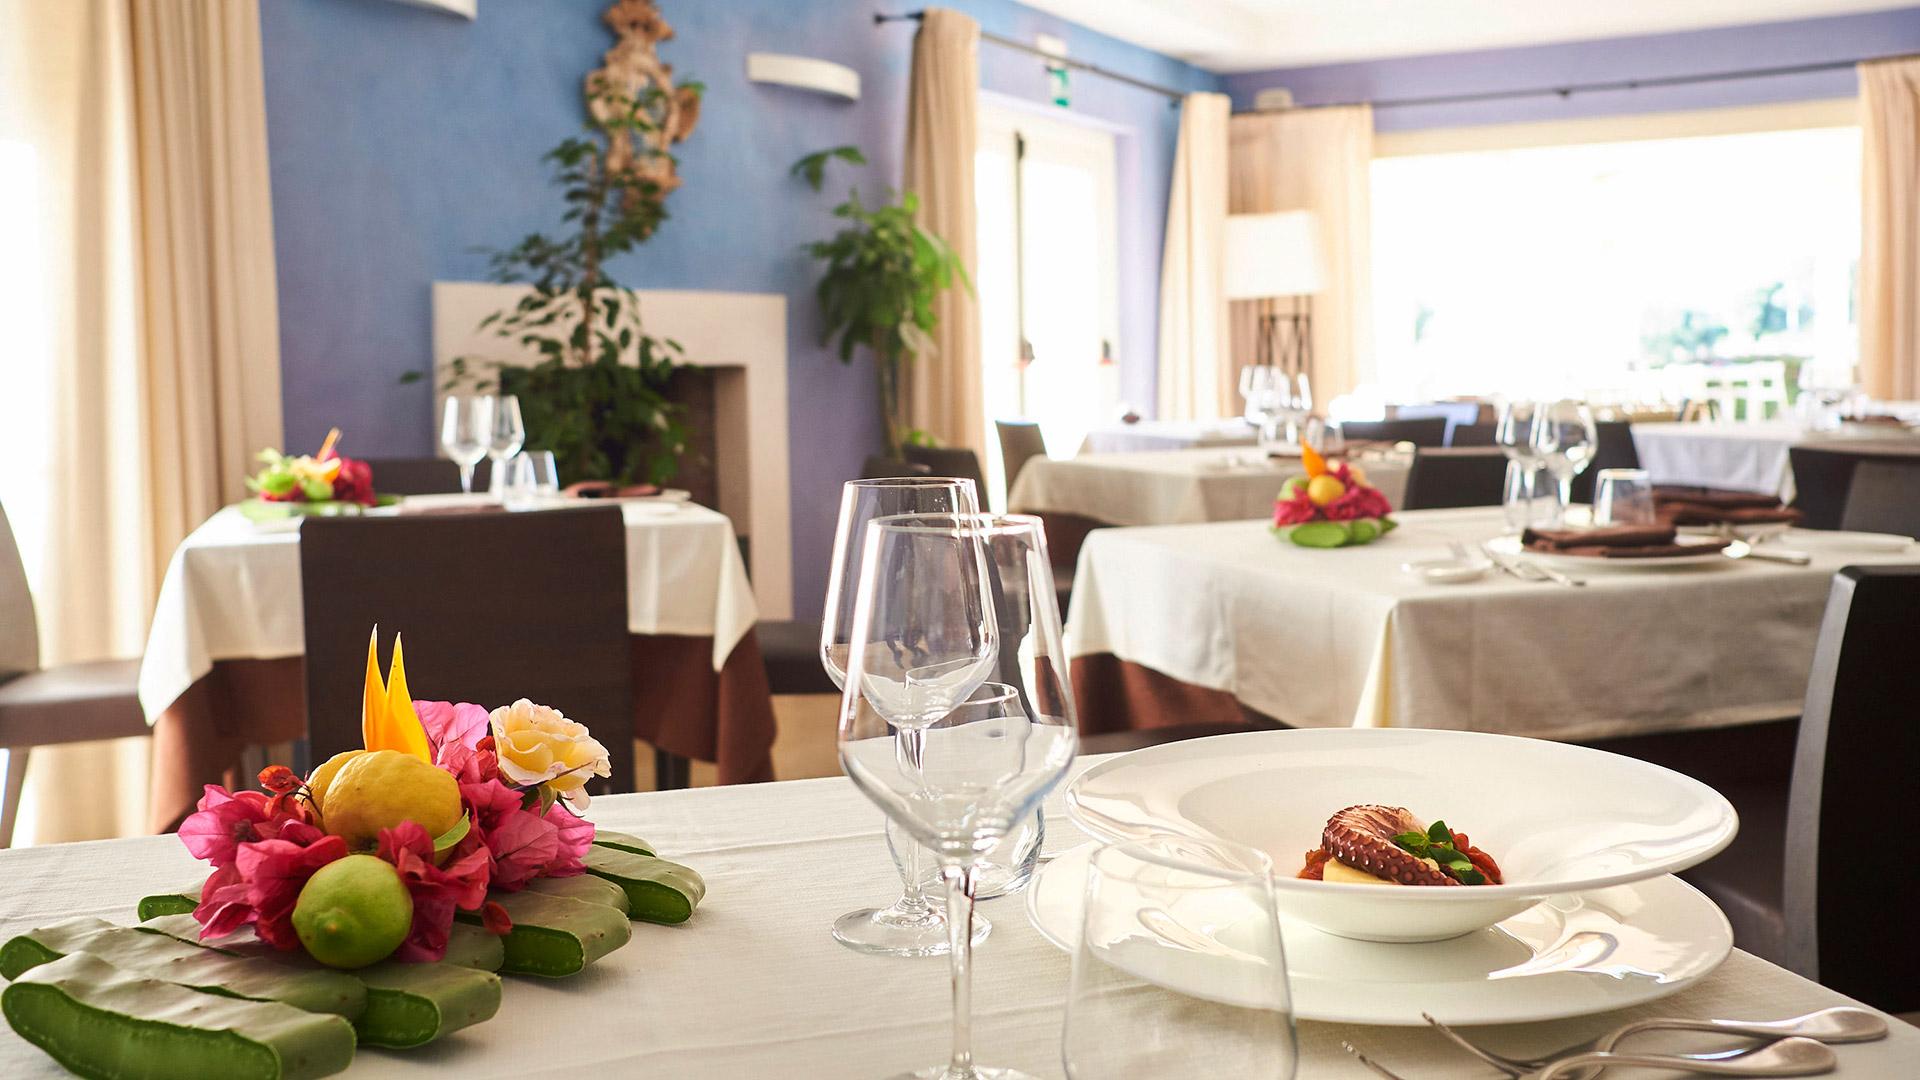 borgo-di-luce-i-monasteri-restaurant-3